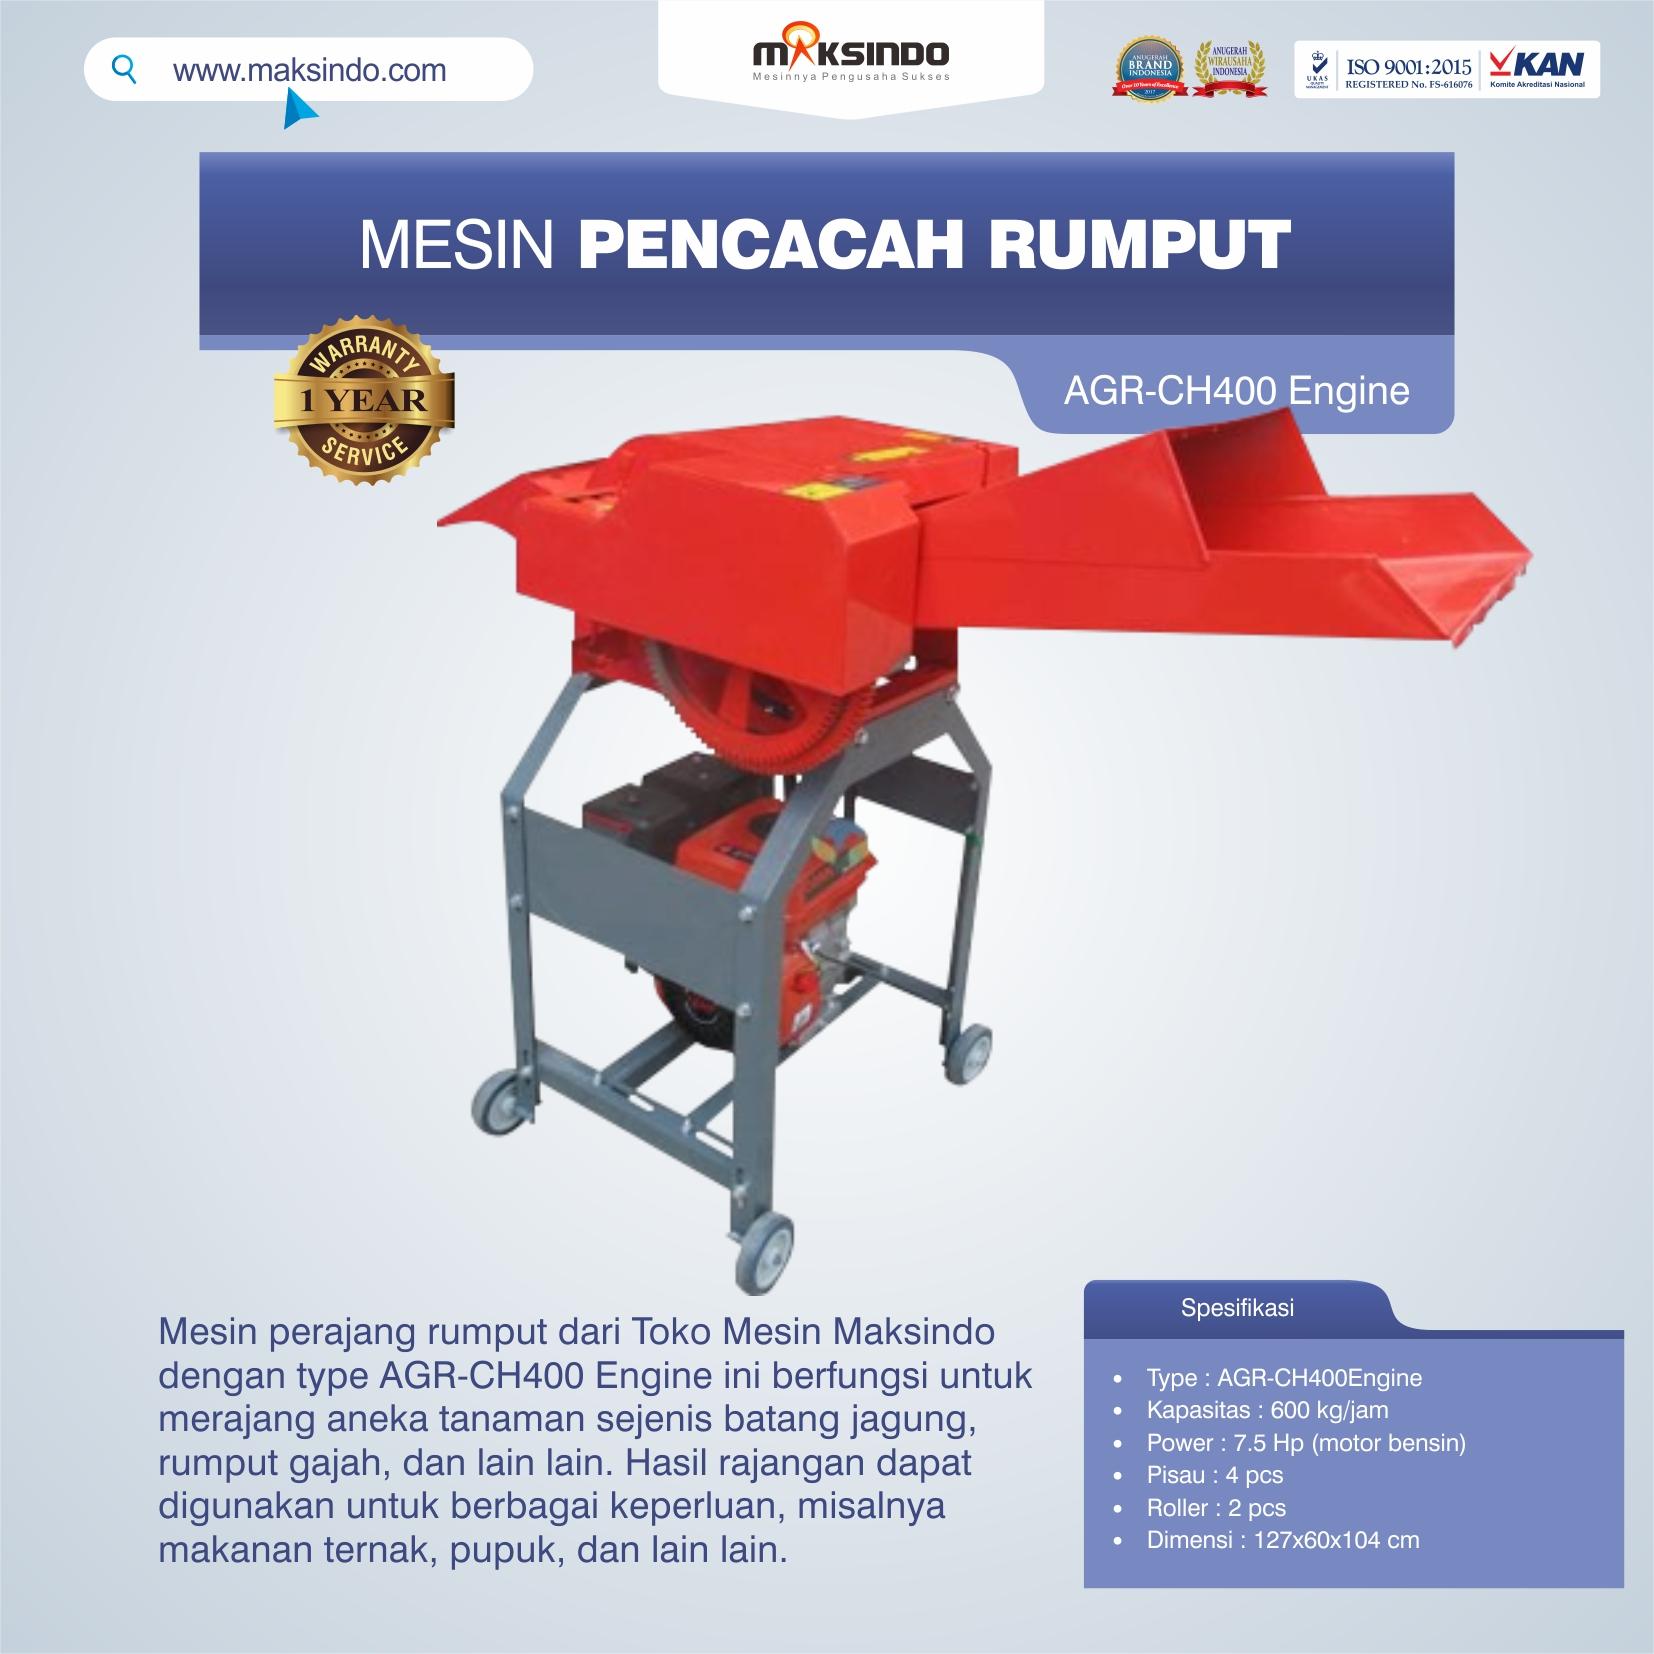 Jual Mesin Pencacah Rumput AGR-CH400 Engine di Makassar